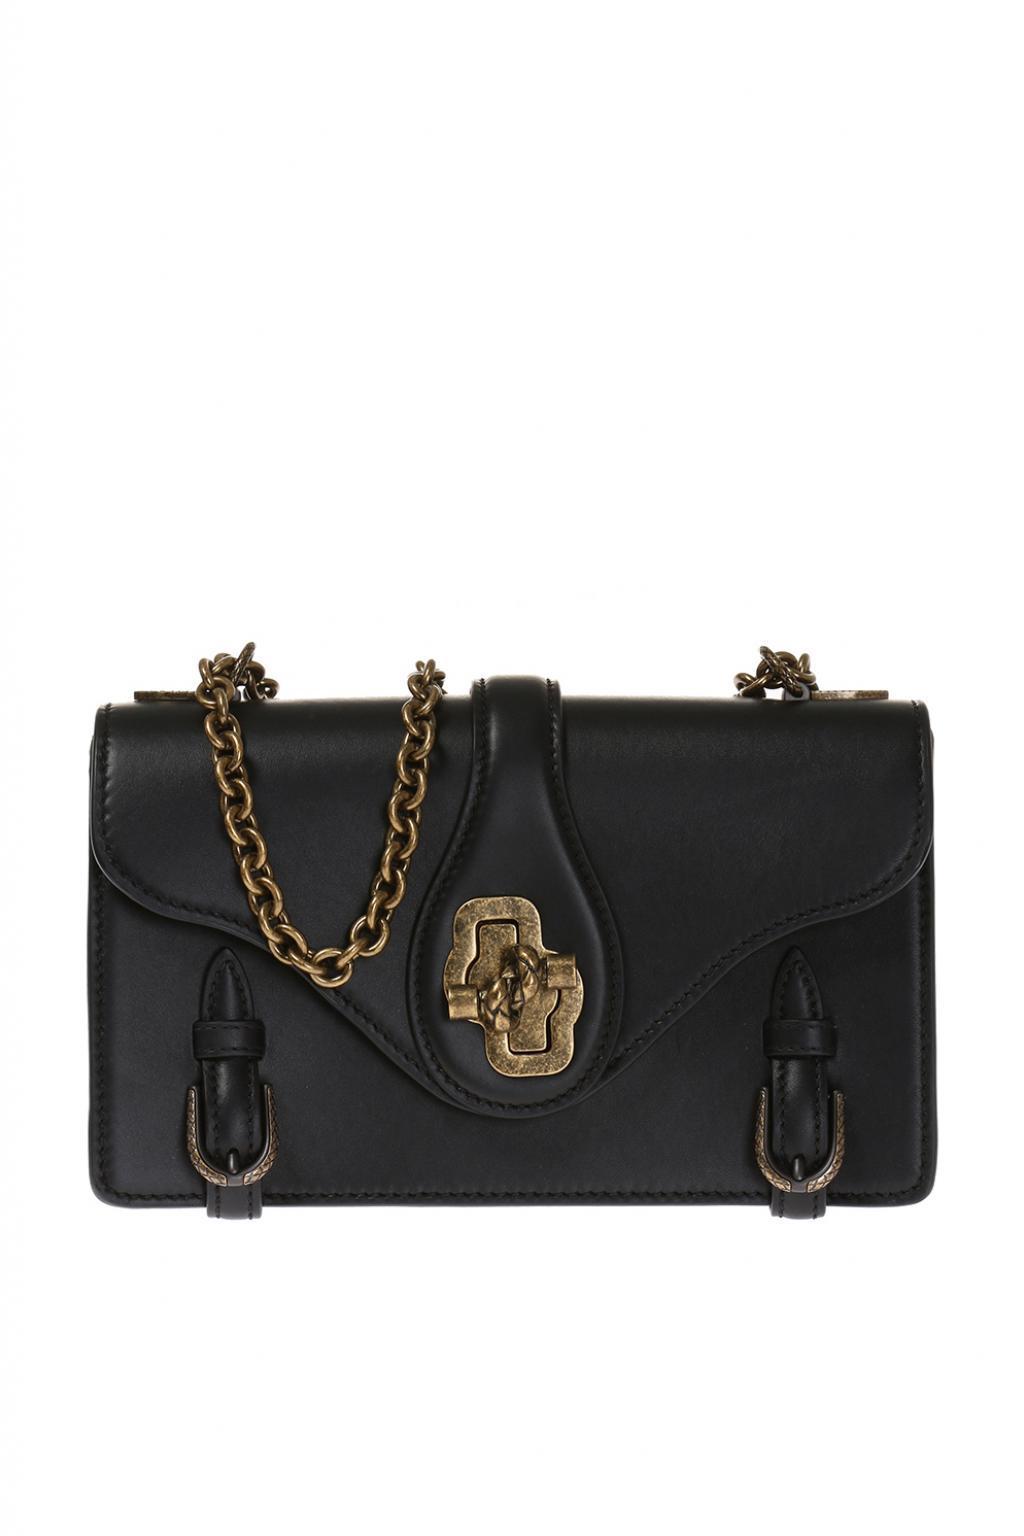 Lyst - Bottega Veneta  city Knot  Shoulder Bag in Black de08ec8a86c0a